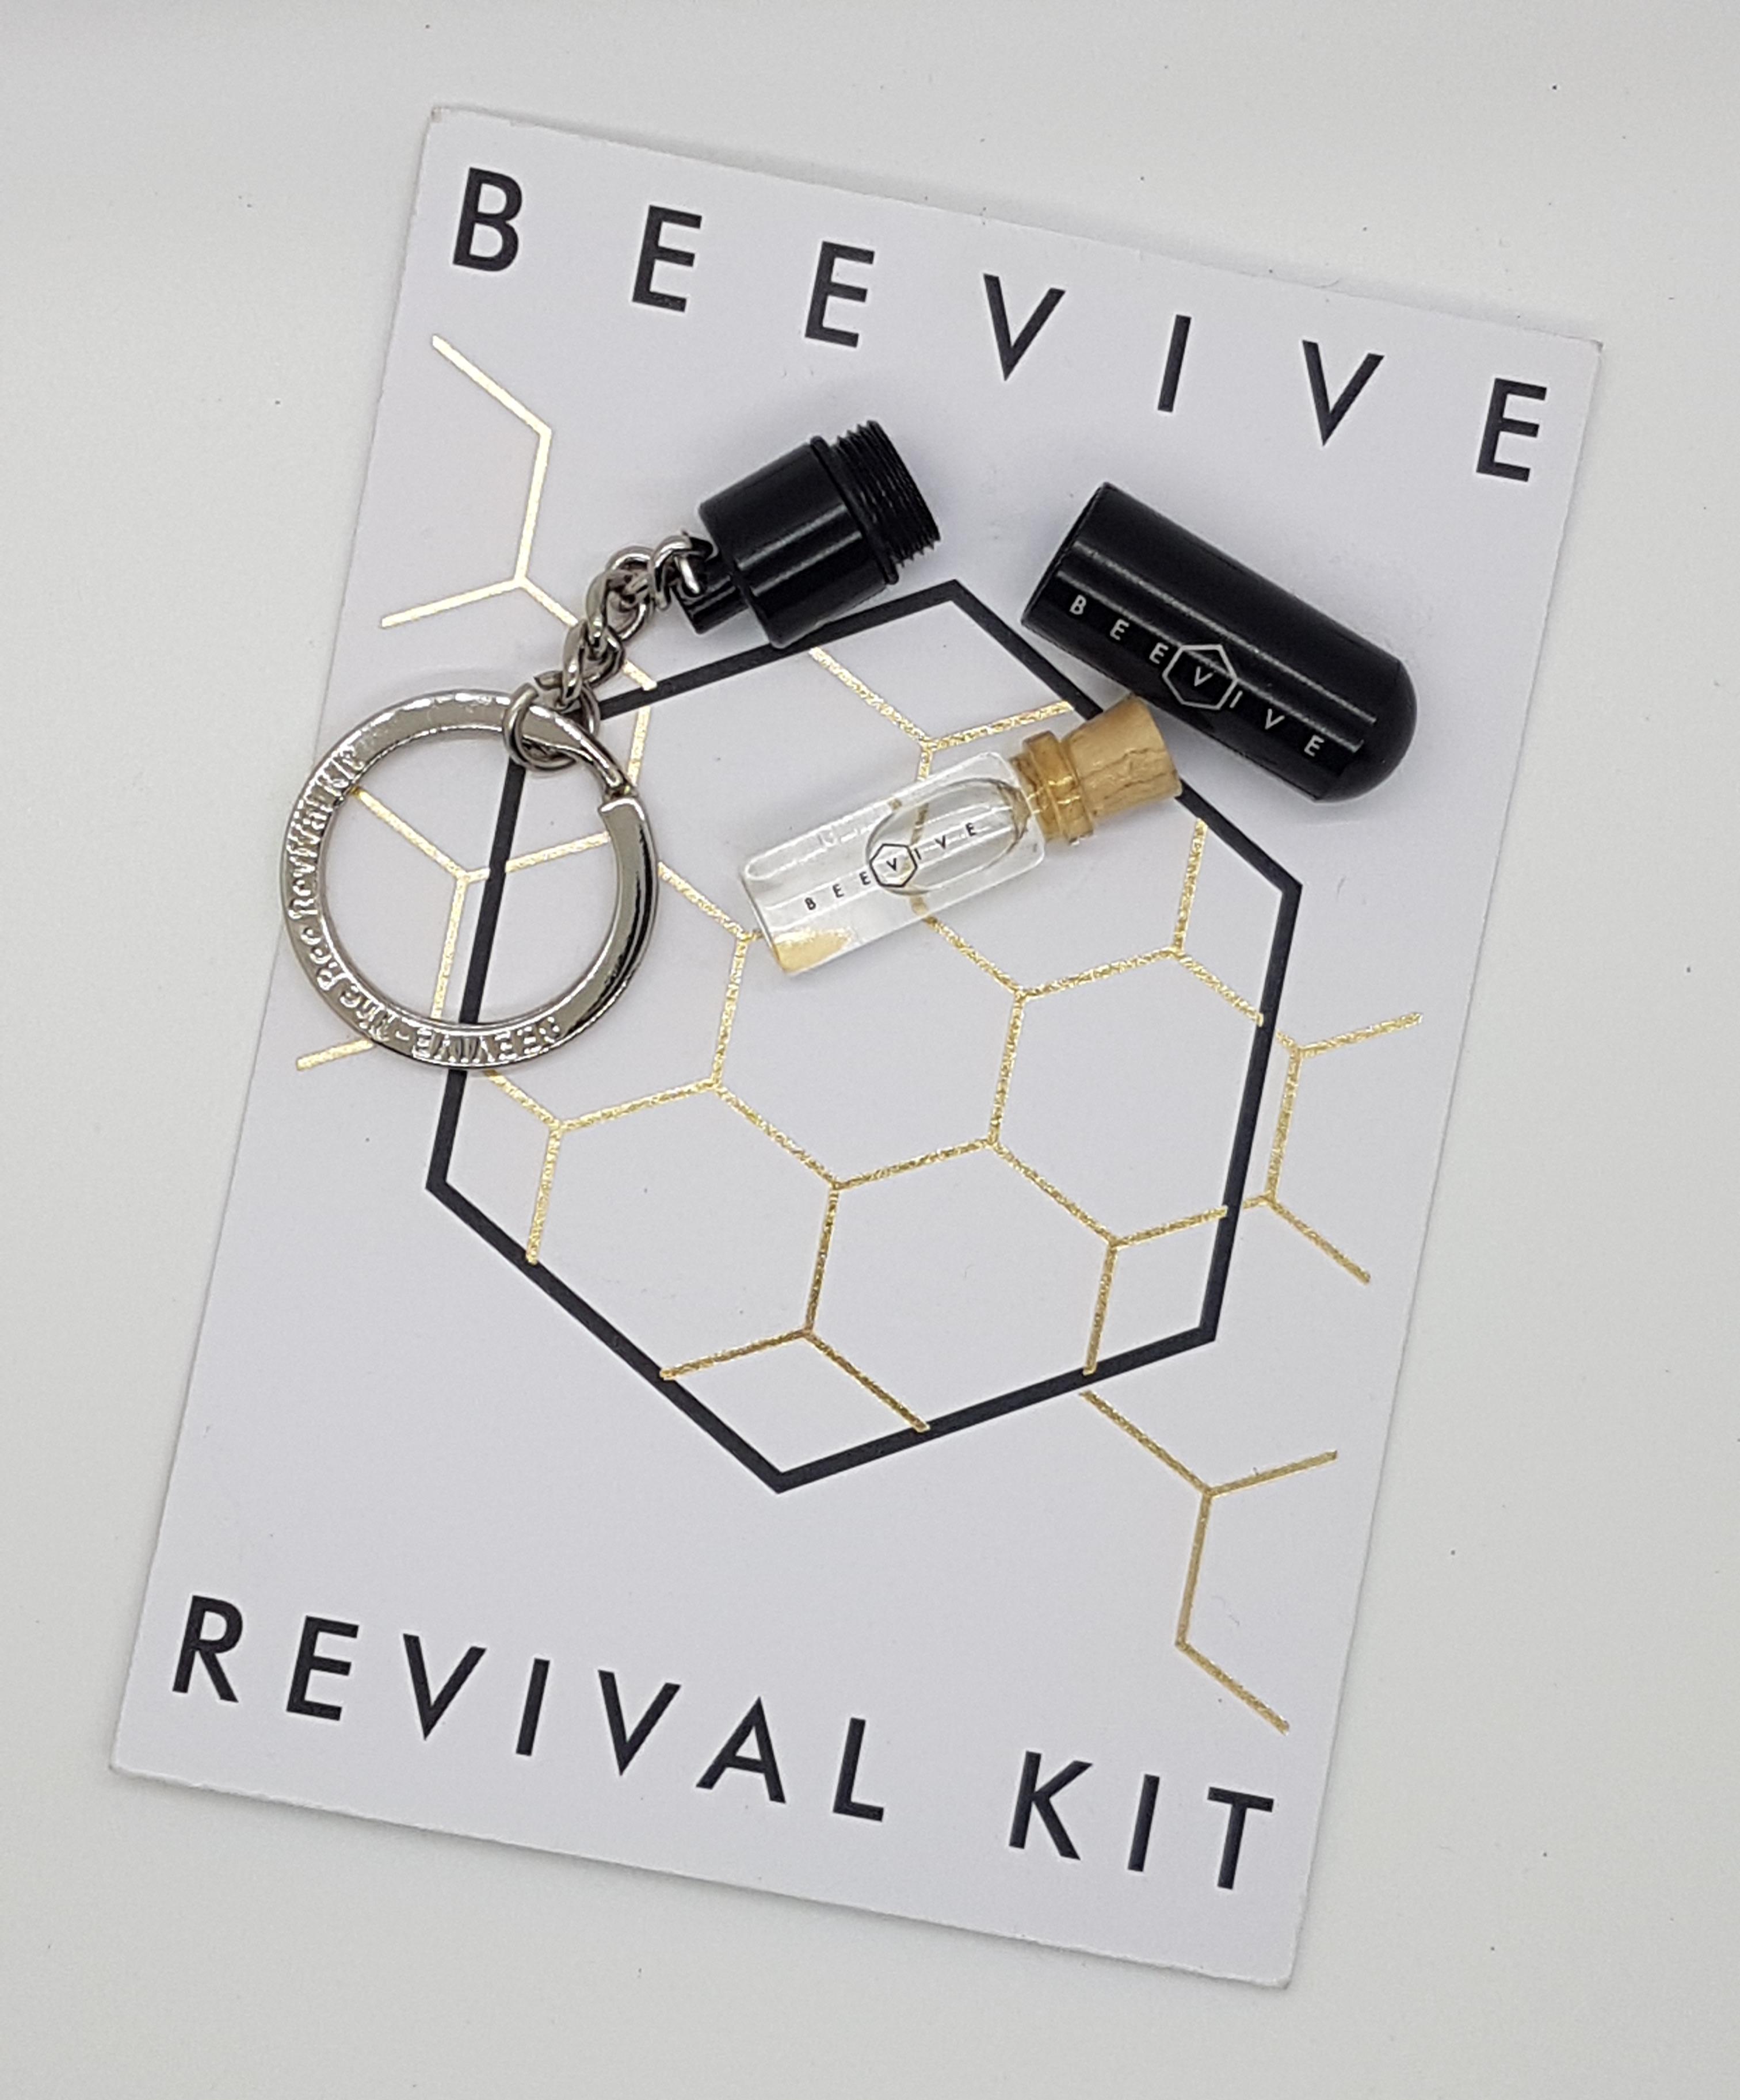 Beevive Bee revival keyring